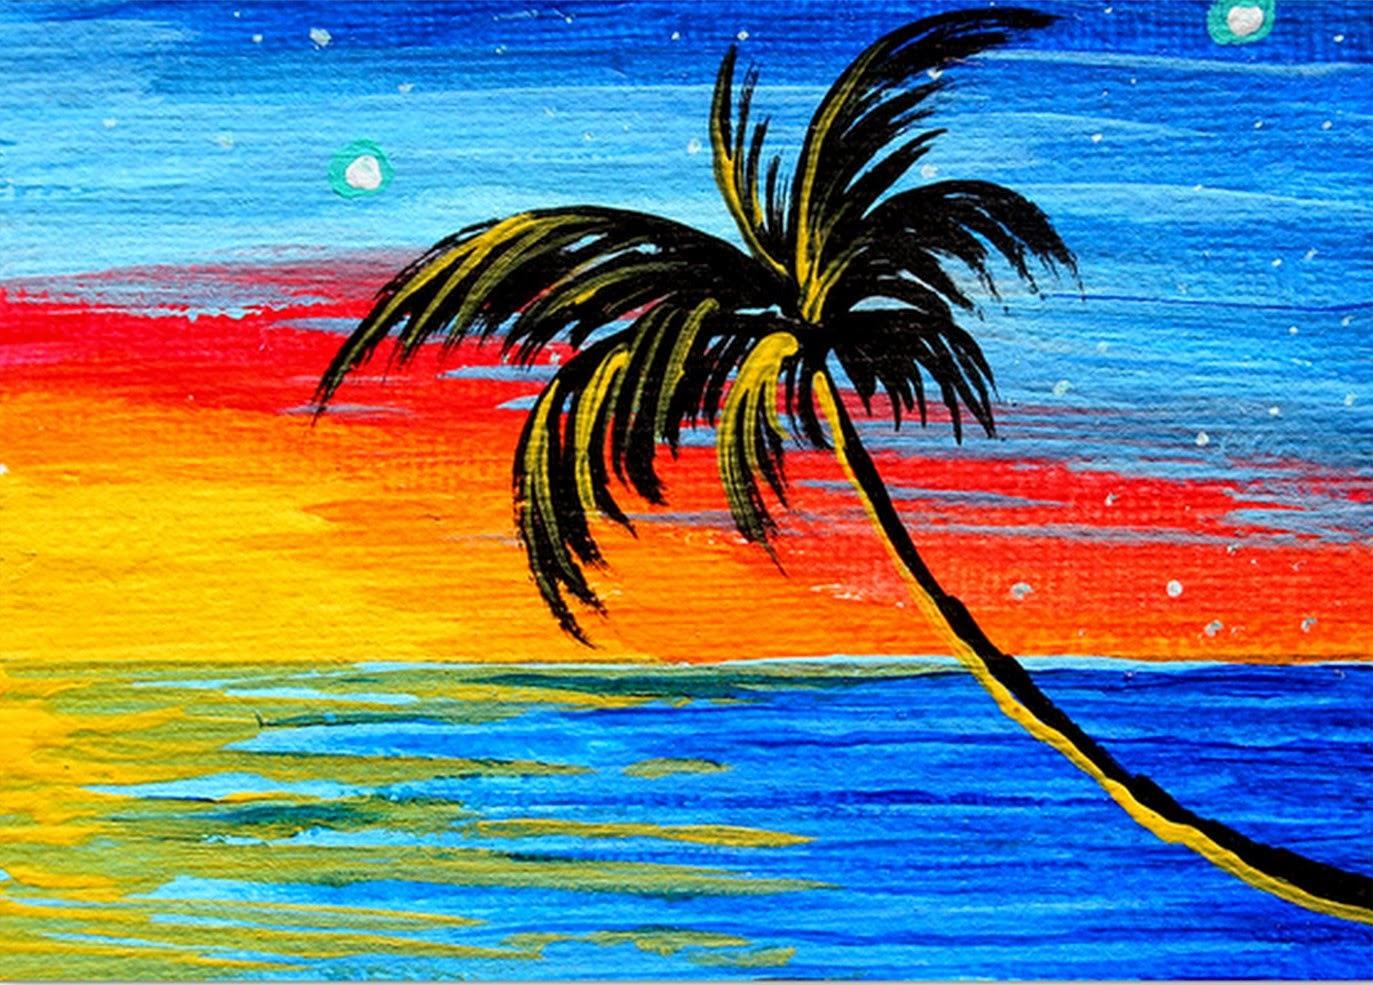 Cuadros Famosos Faciles.Pintura Moderna Y Fotografia Artistica Dibujos Faciles Para Pintar